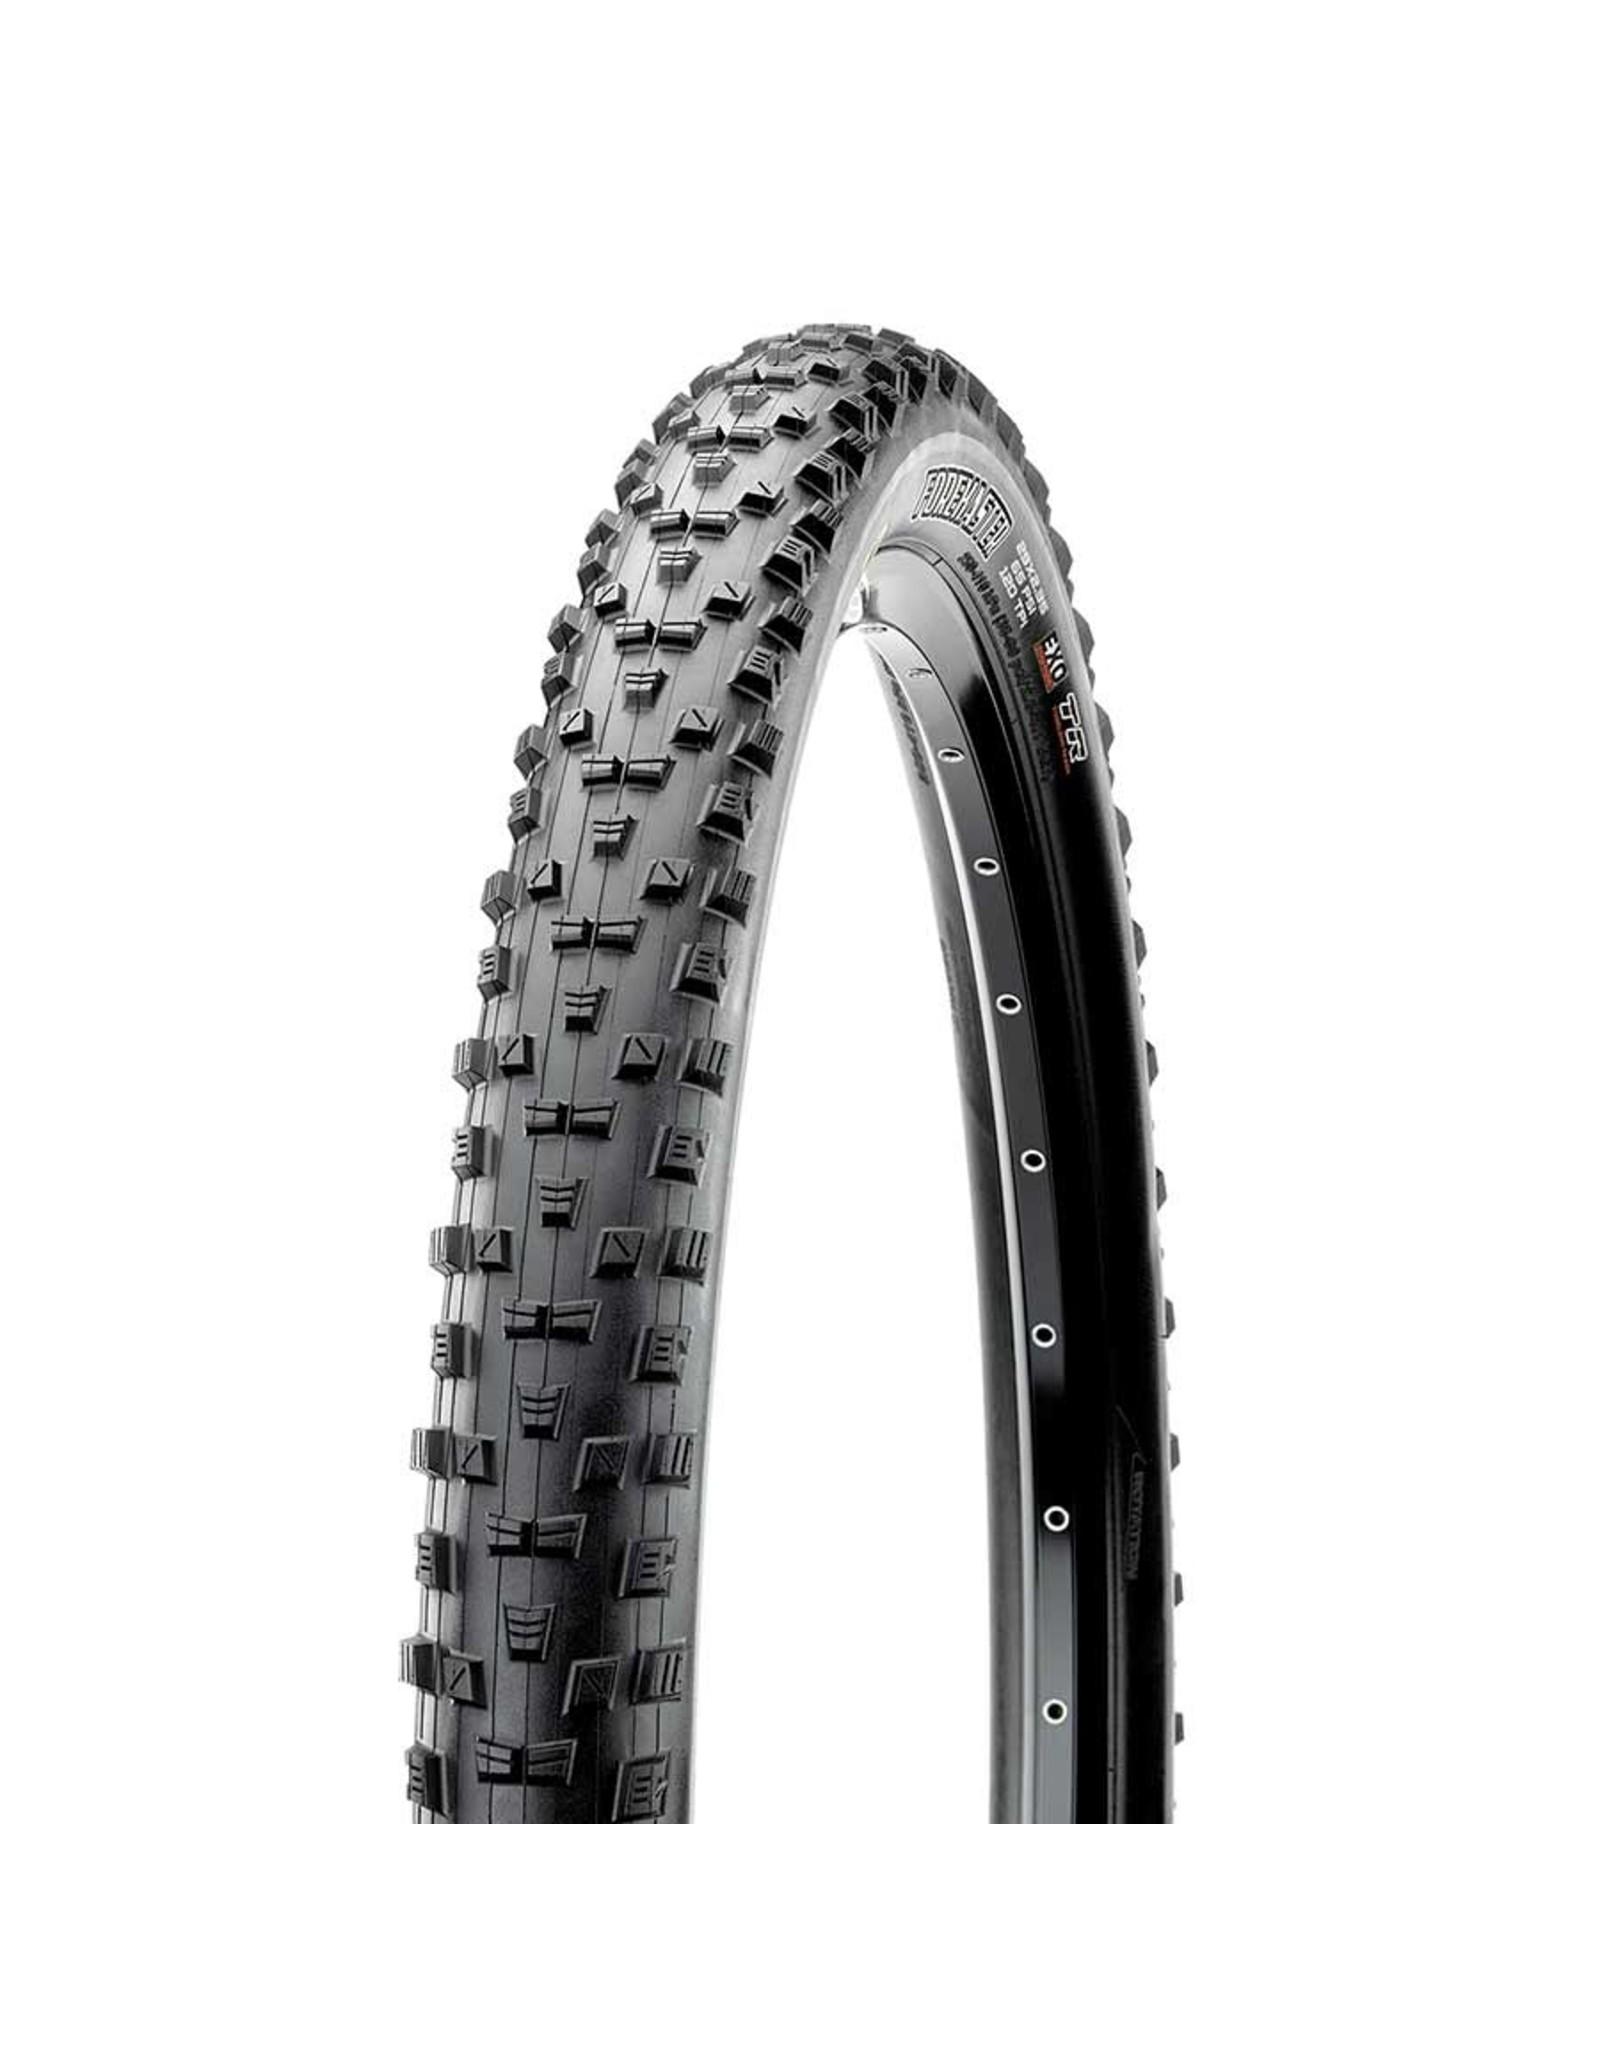 Maxxis Maxxis, Forekaster, Tire, 27.5''x2.60, Folding, Tubeless Ready, 3C Maxx Speed, EXO, 120TPI, Black